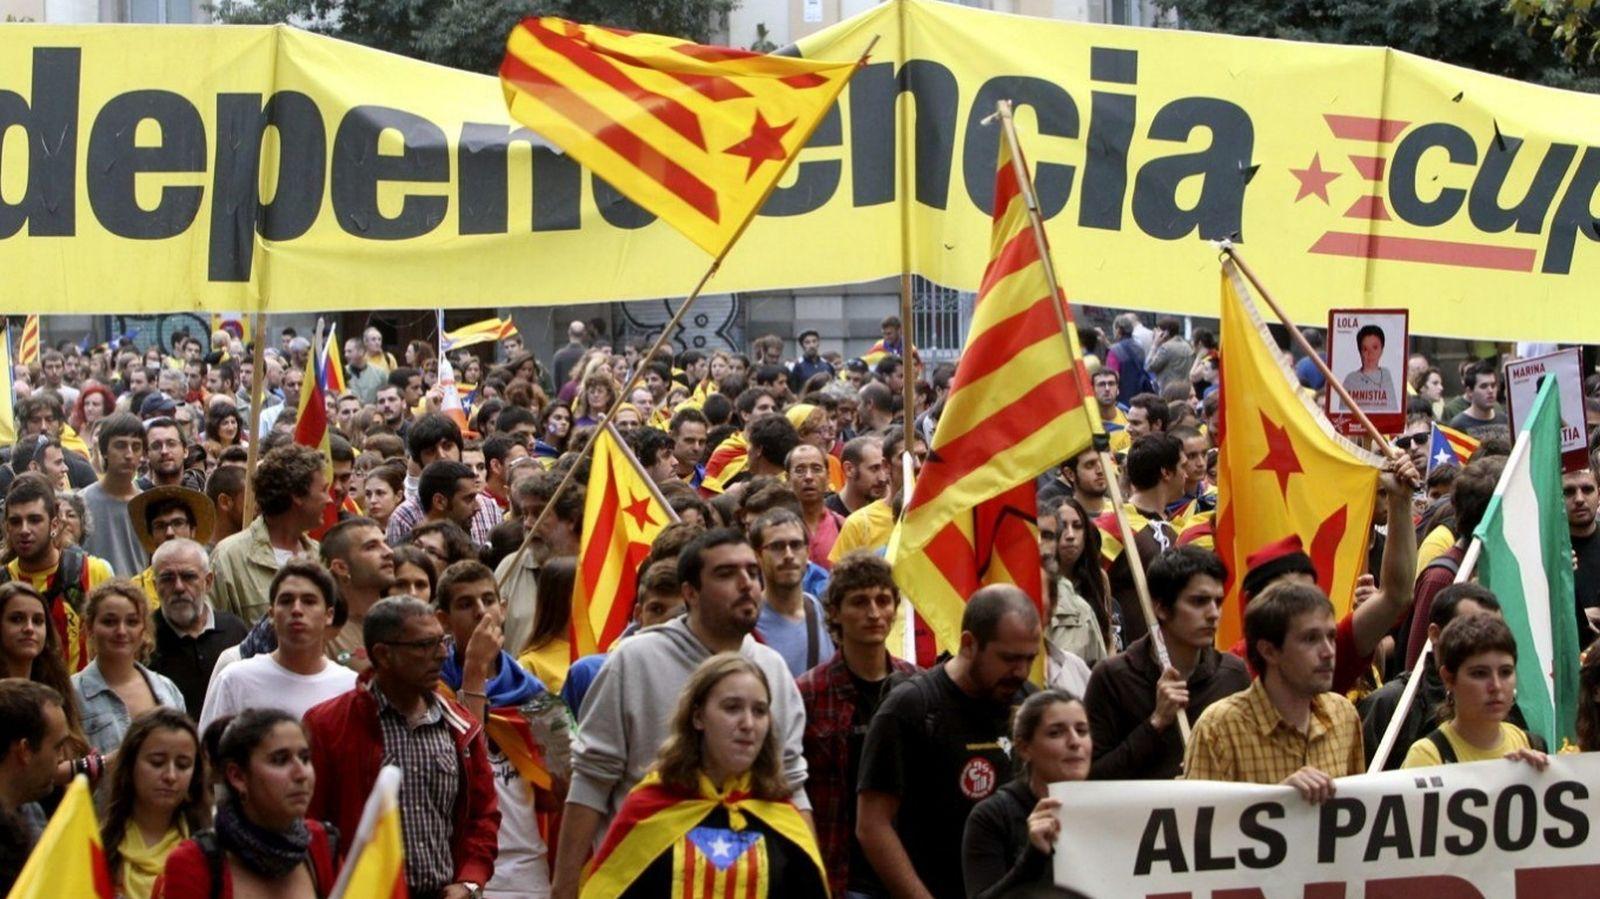 Foto: Imagen de una manifestación a favor de la independencia de Cataluña desarrollada durante la Diada de hace dos años en Barcelona. (EFE)